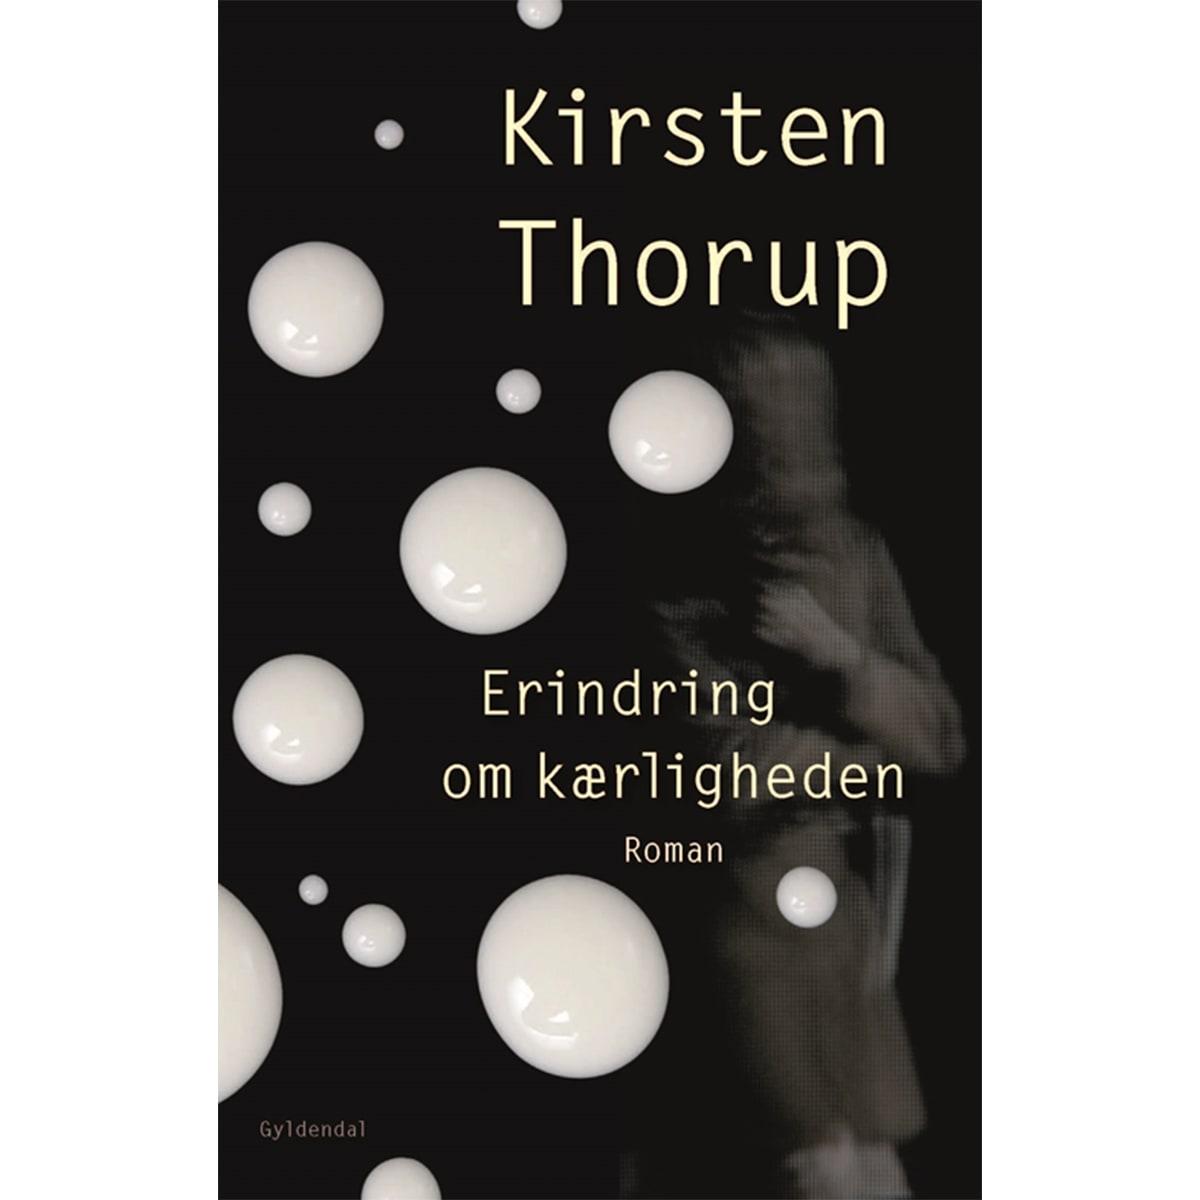 Af Kirsten Thorup